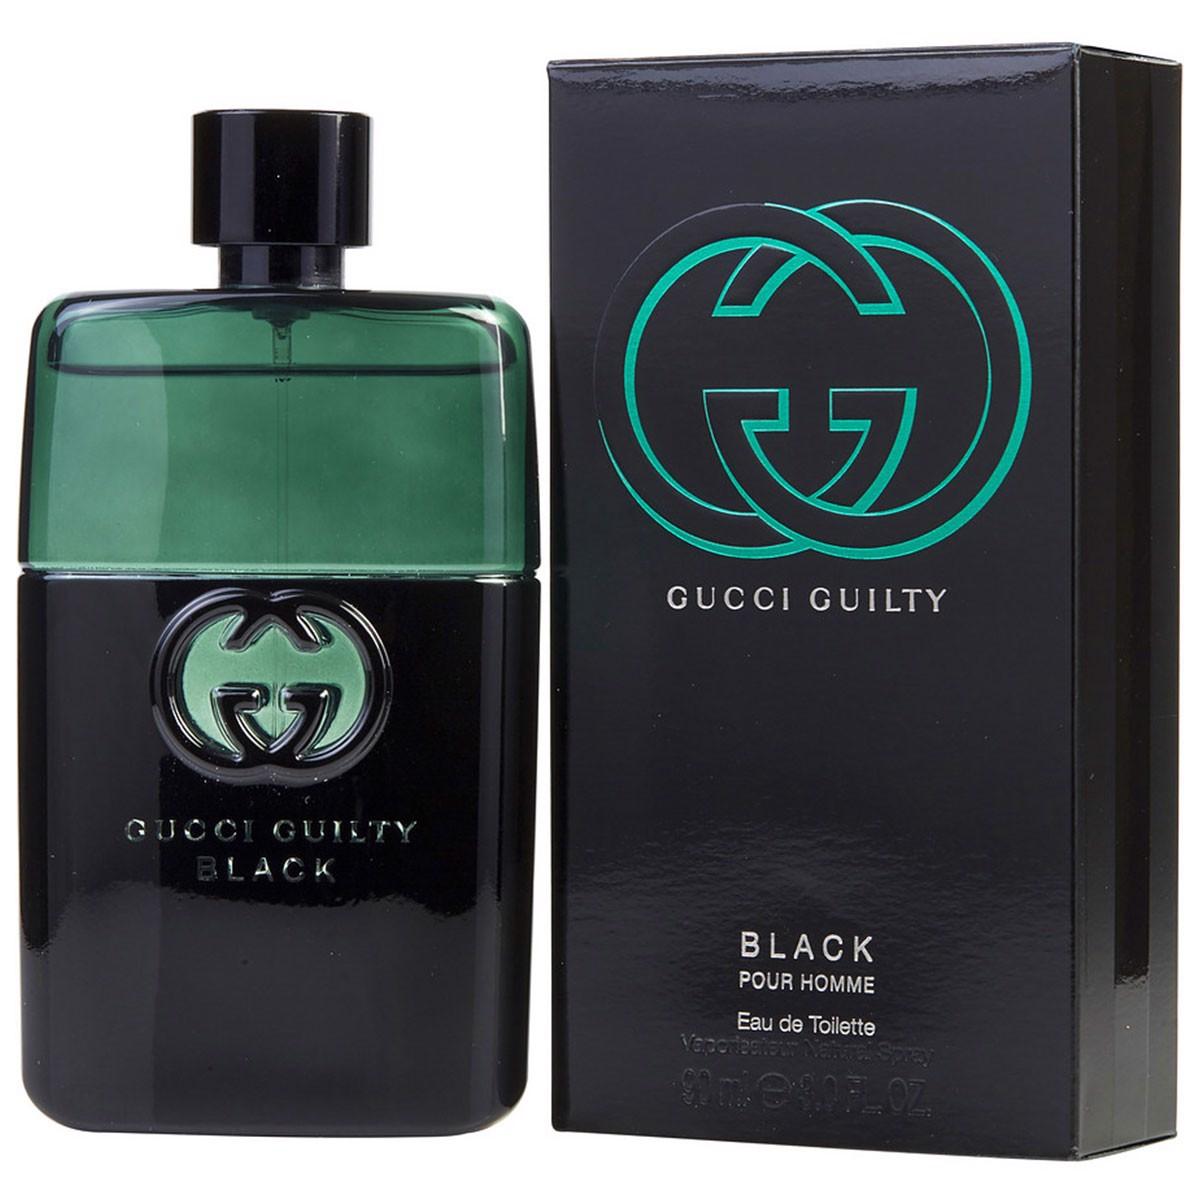 Nước hoa Gucci nam Guilty Black Pour Homme